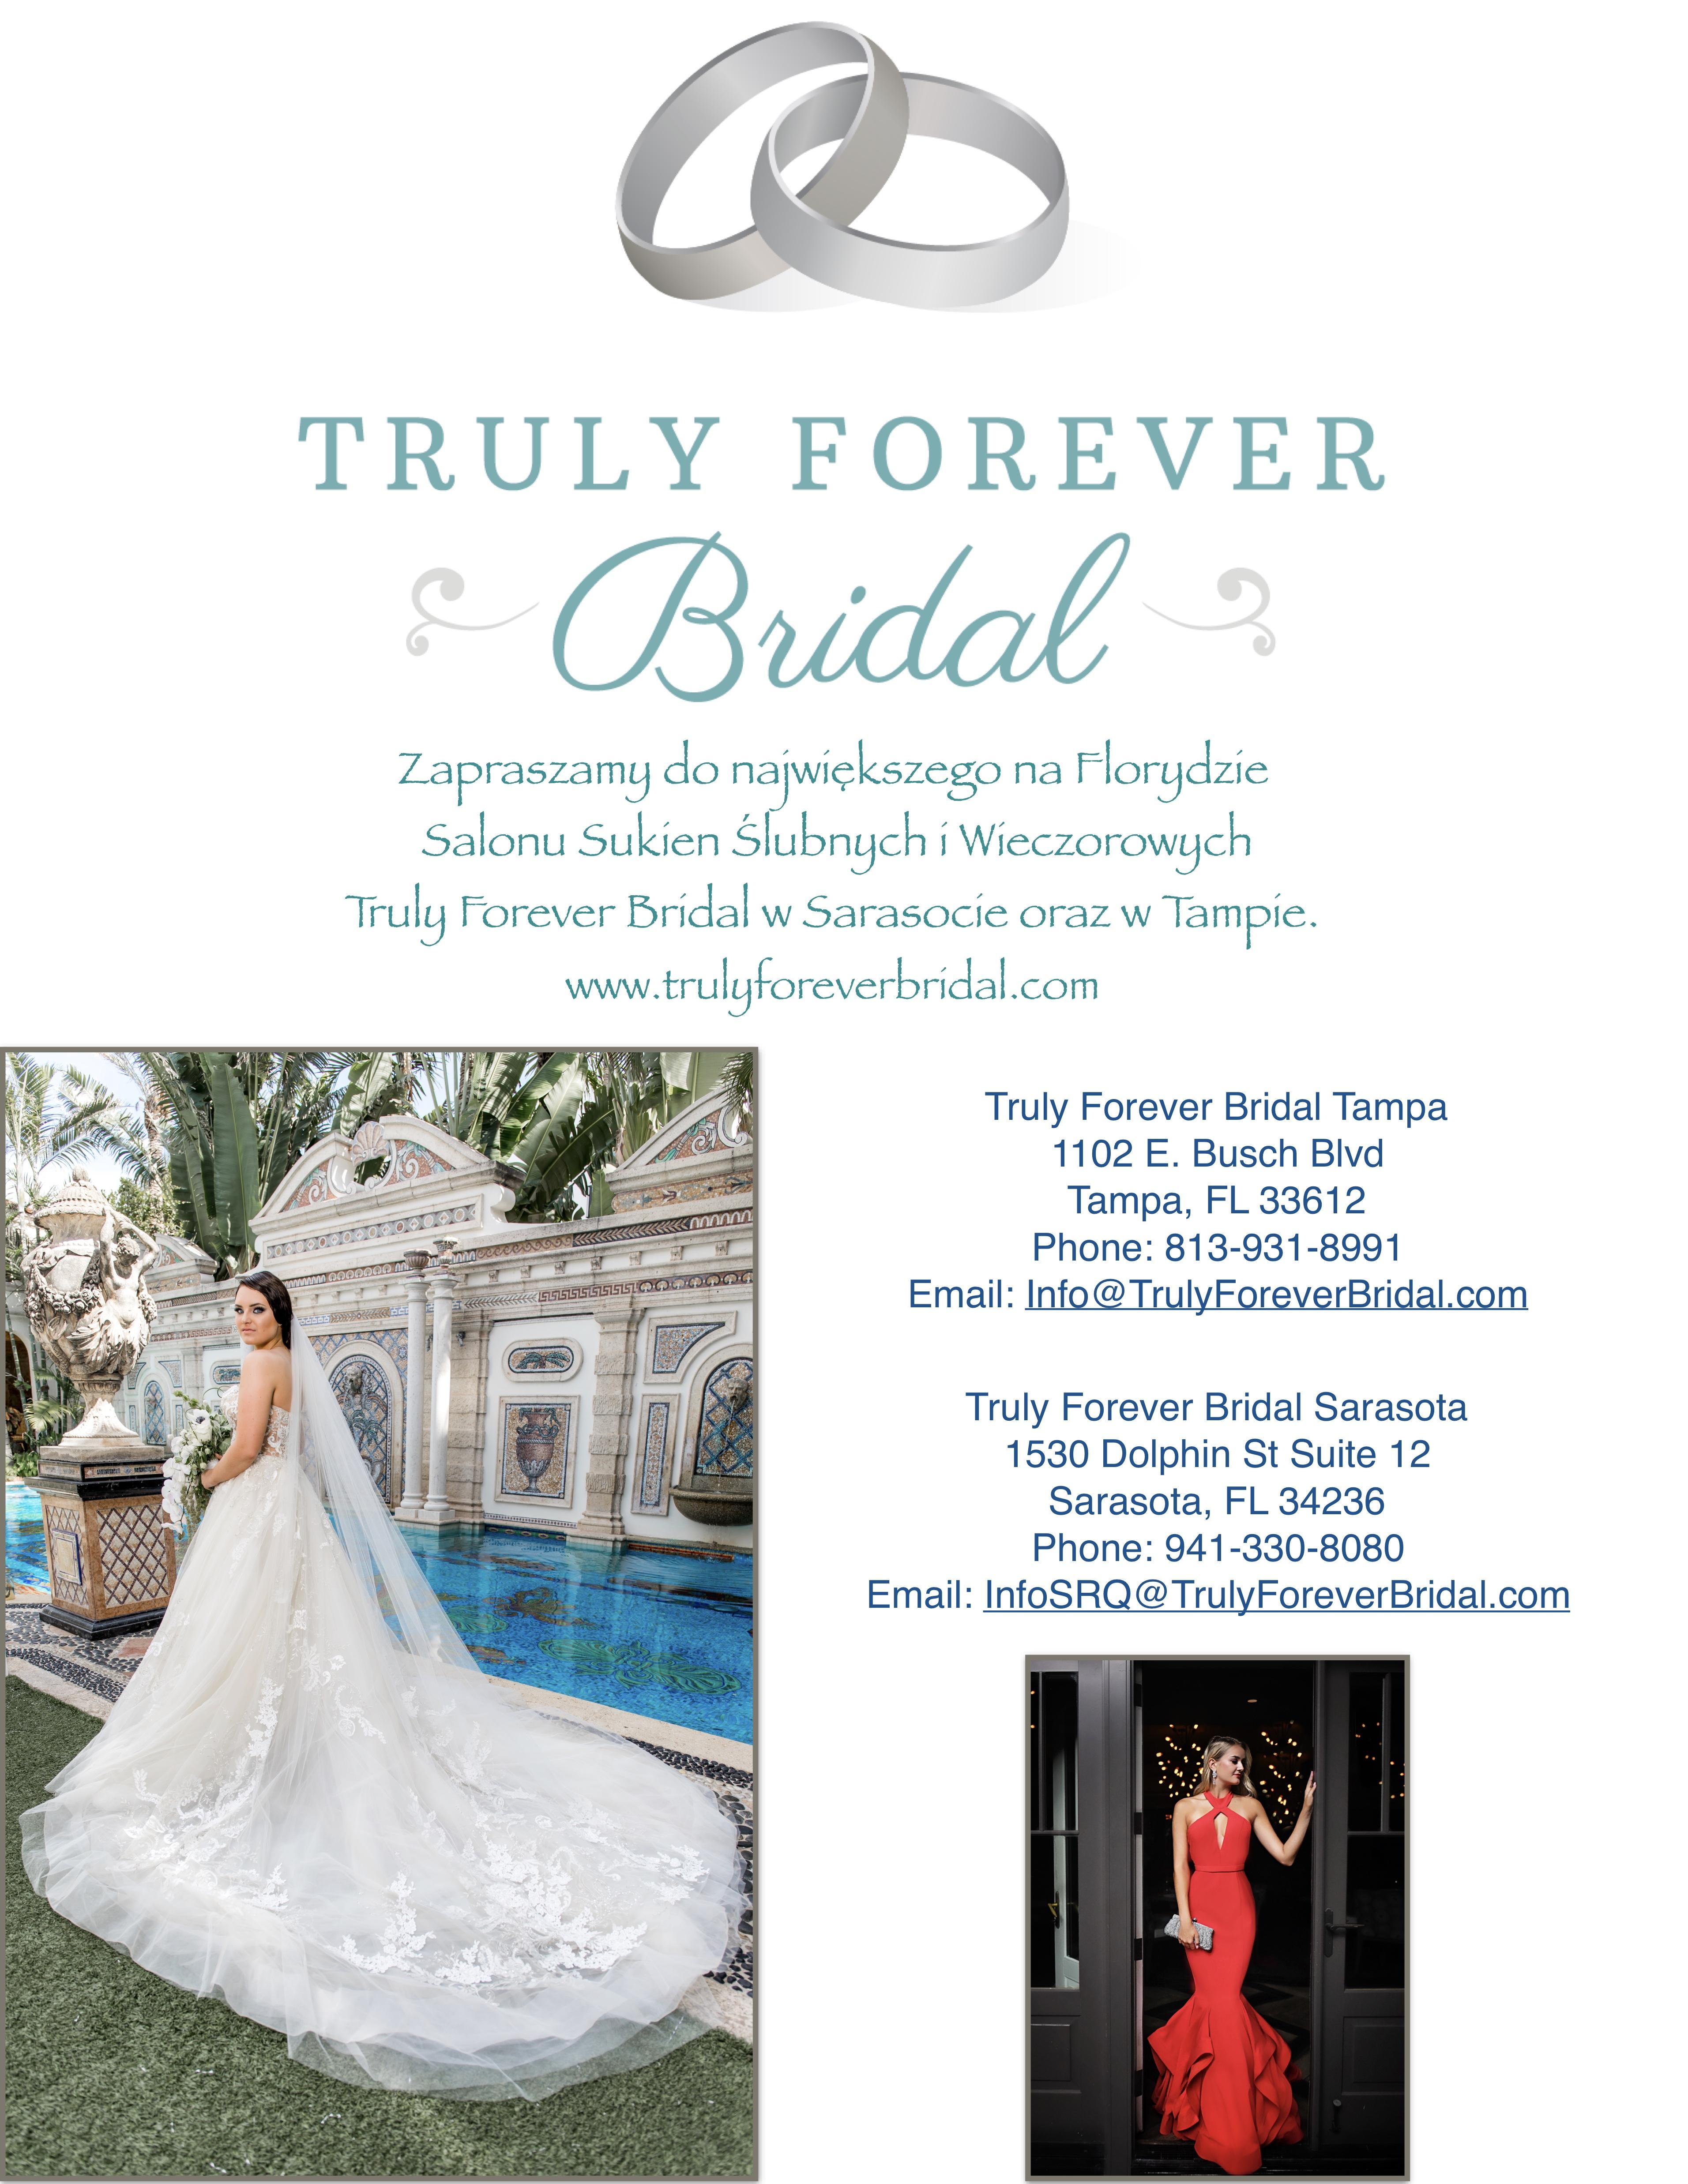 Truly Forever Bridal Salon Sukien Ślubnych i Wieczorowych